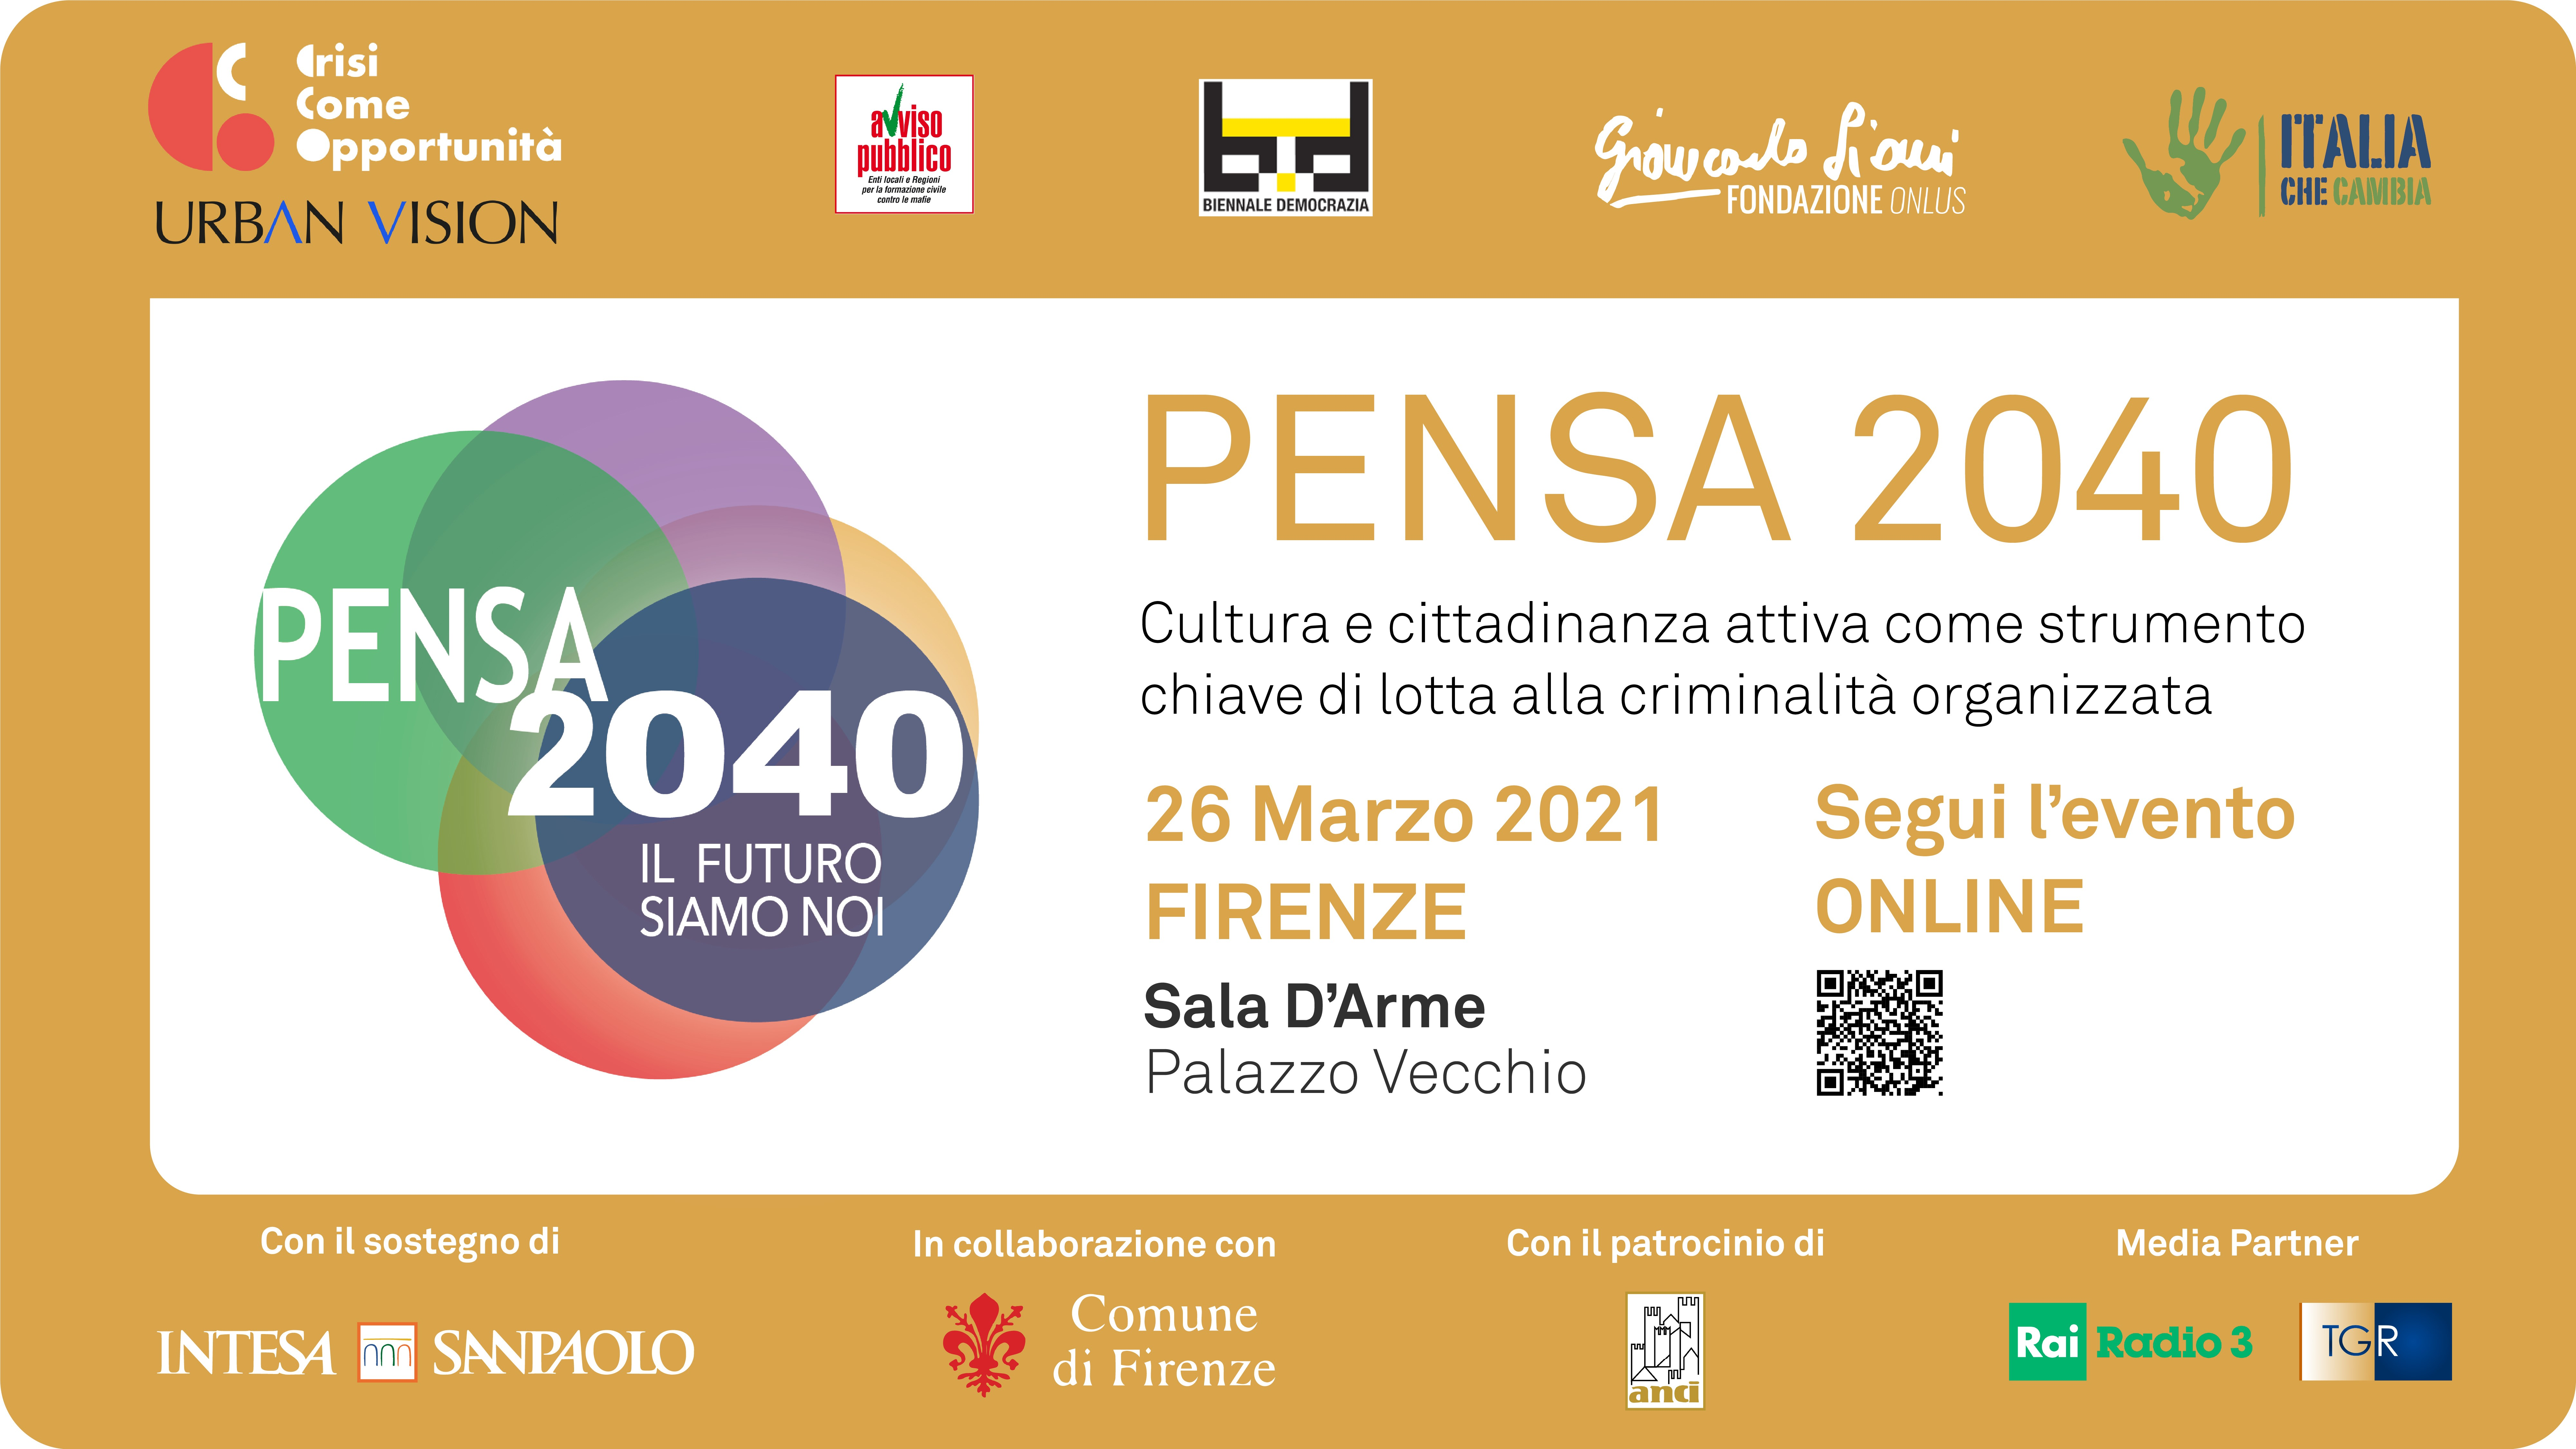 Pensa2040: cultura e cittadinanza attiva come strumento chiave di lotta alla criminalità organizzata